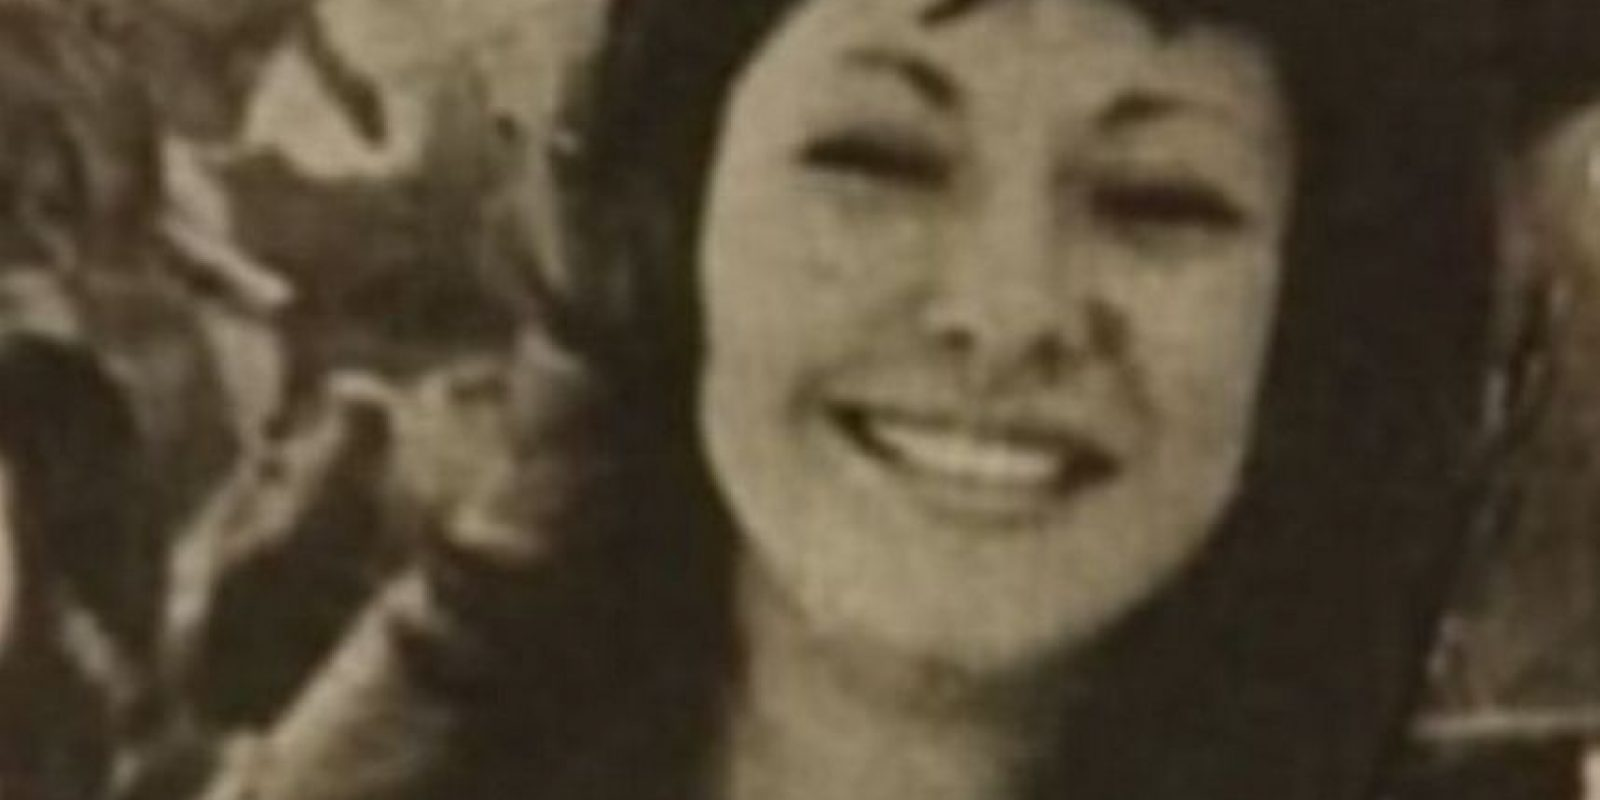 Fue candidata a Miss Venezuela en 1973, representando al estado de Sucre, sin embargo en los últimos años de su vida se mantuvo en situación de calle y fue ahí donde murió. Foto:YouTube La Realidad Más Real